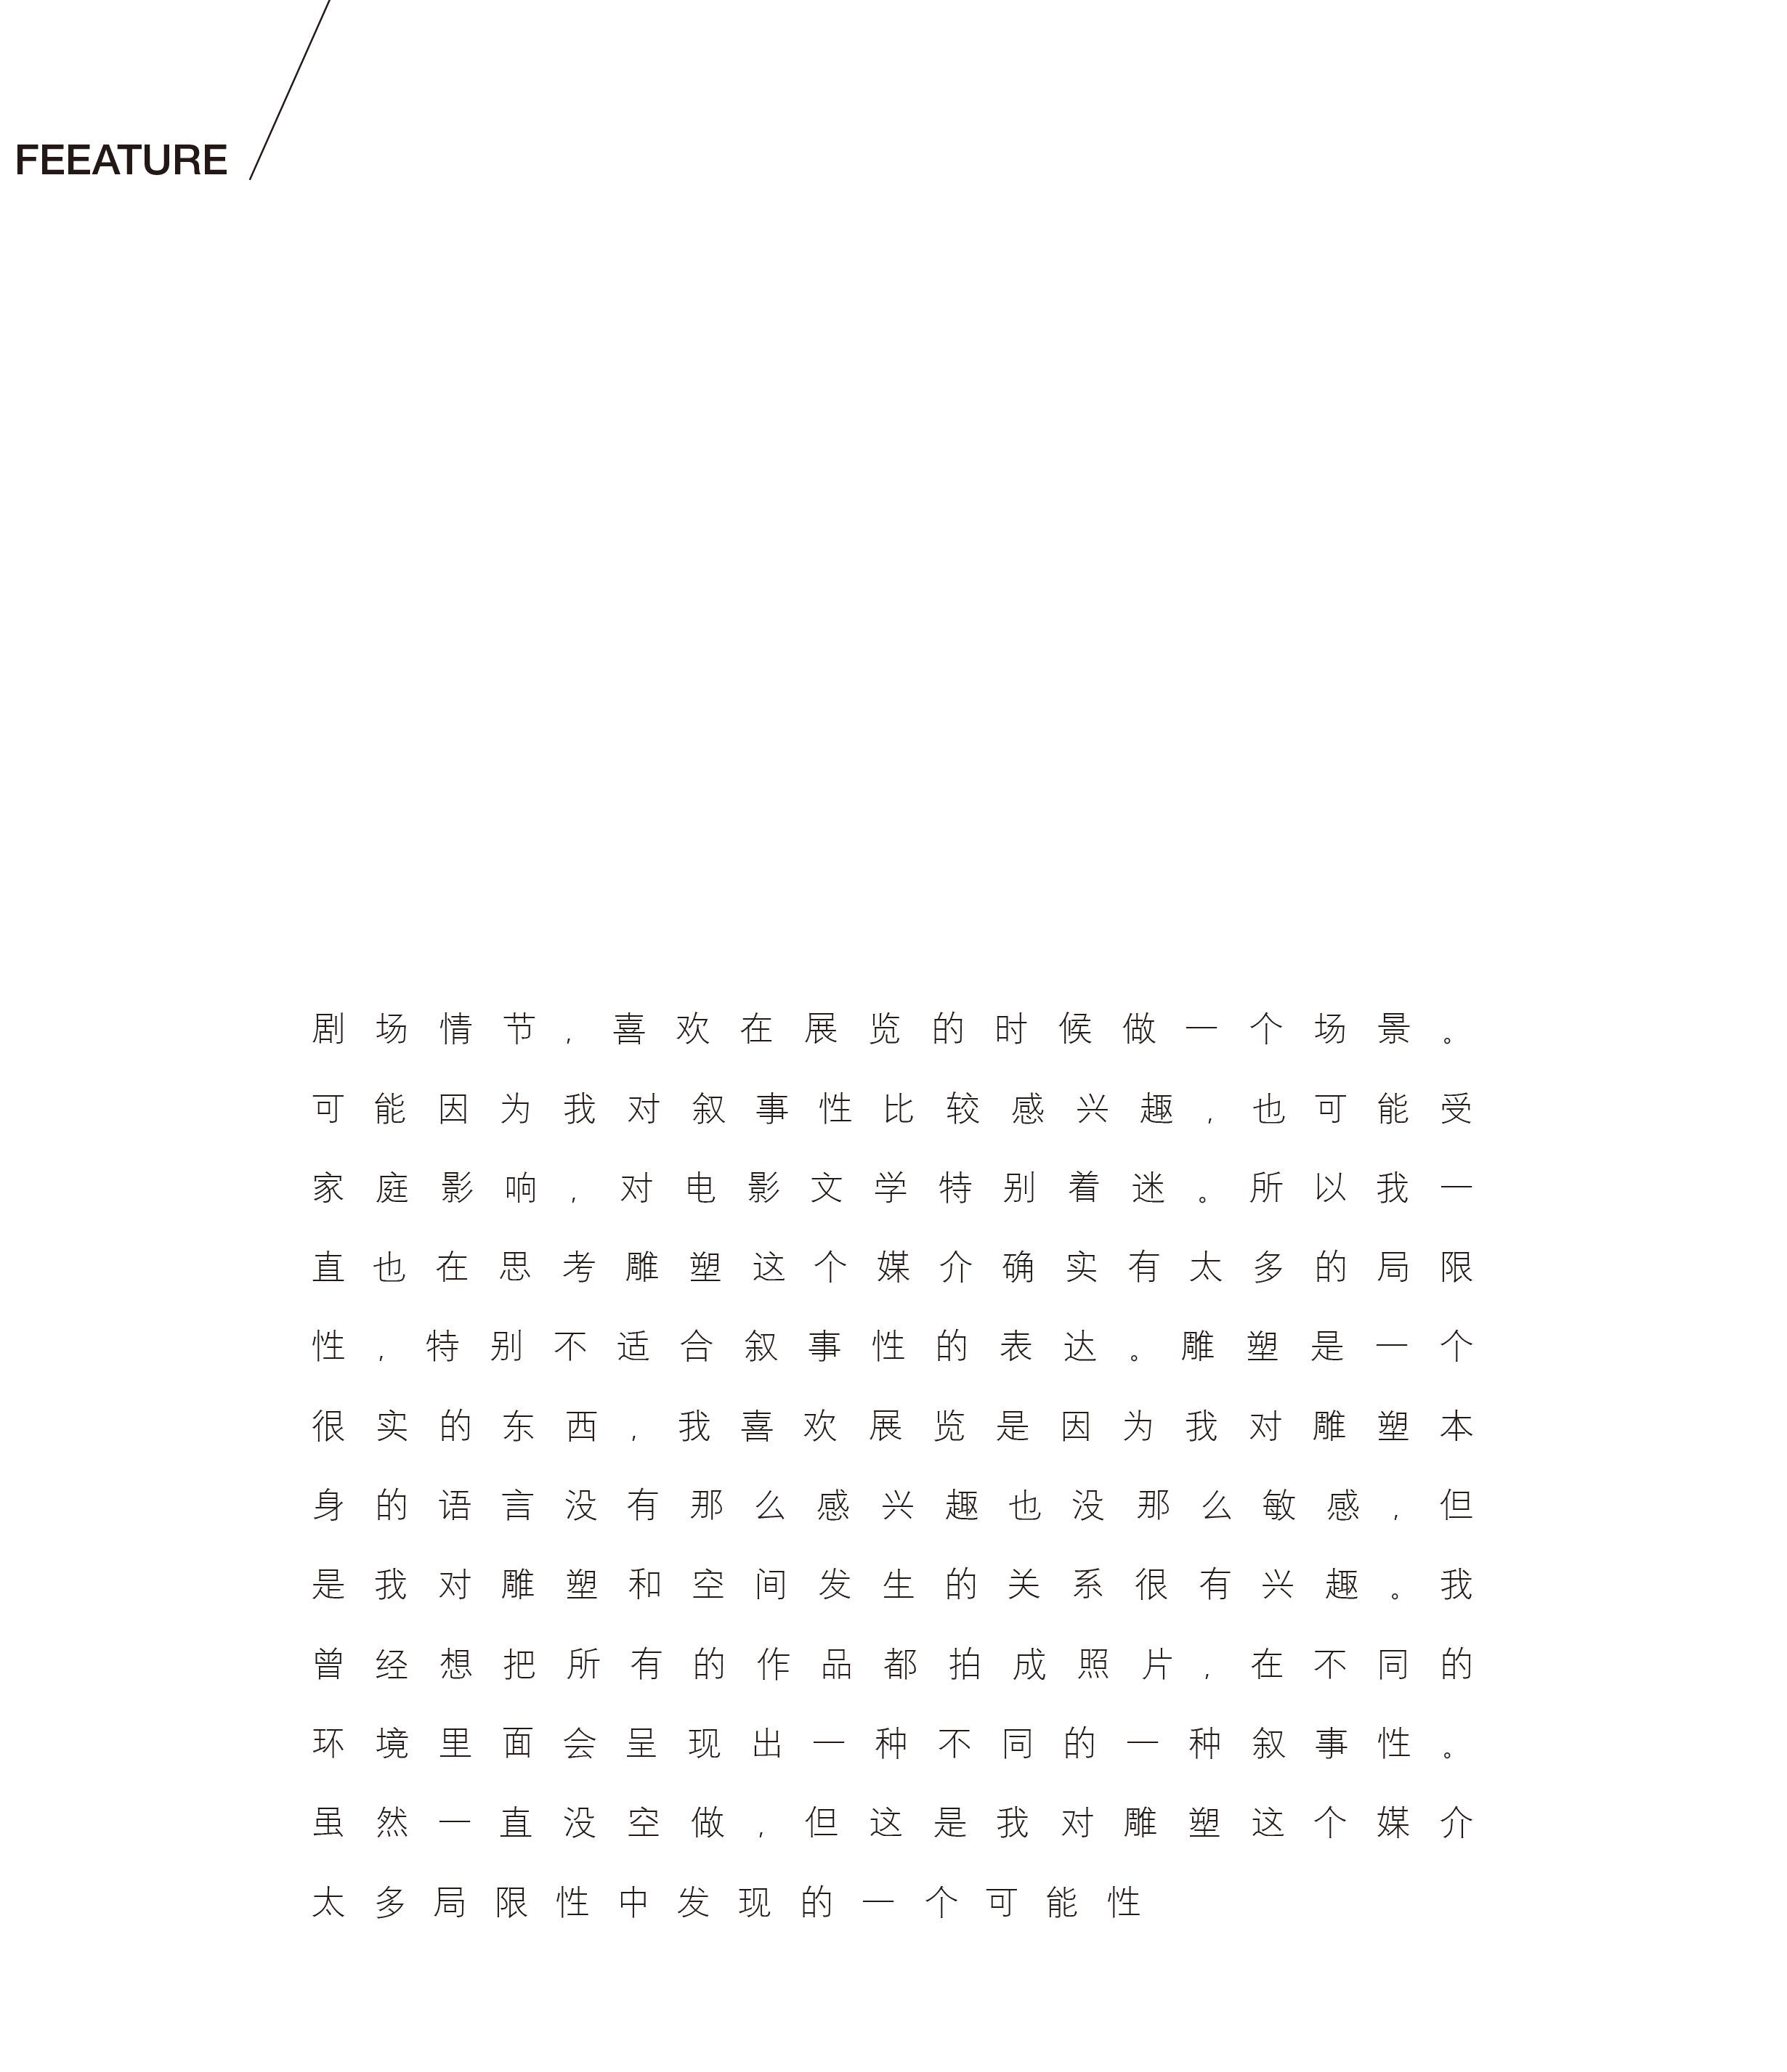 xj-9-1.jpg